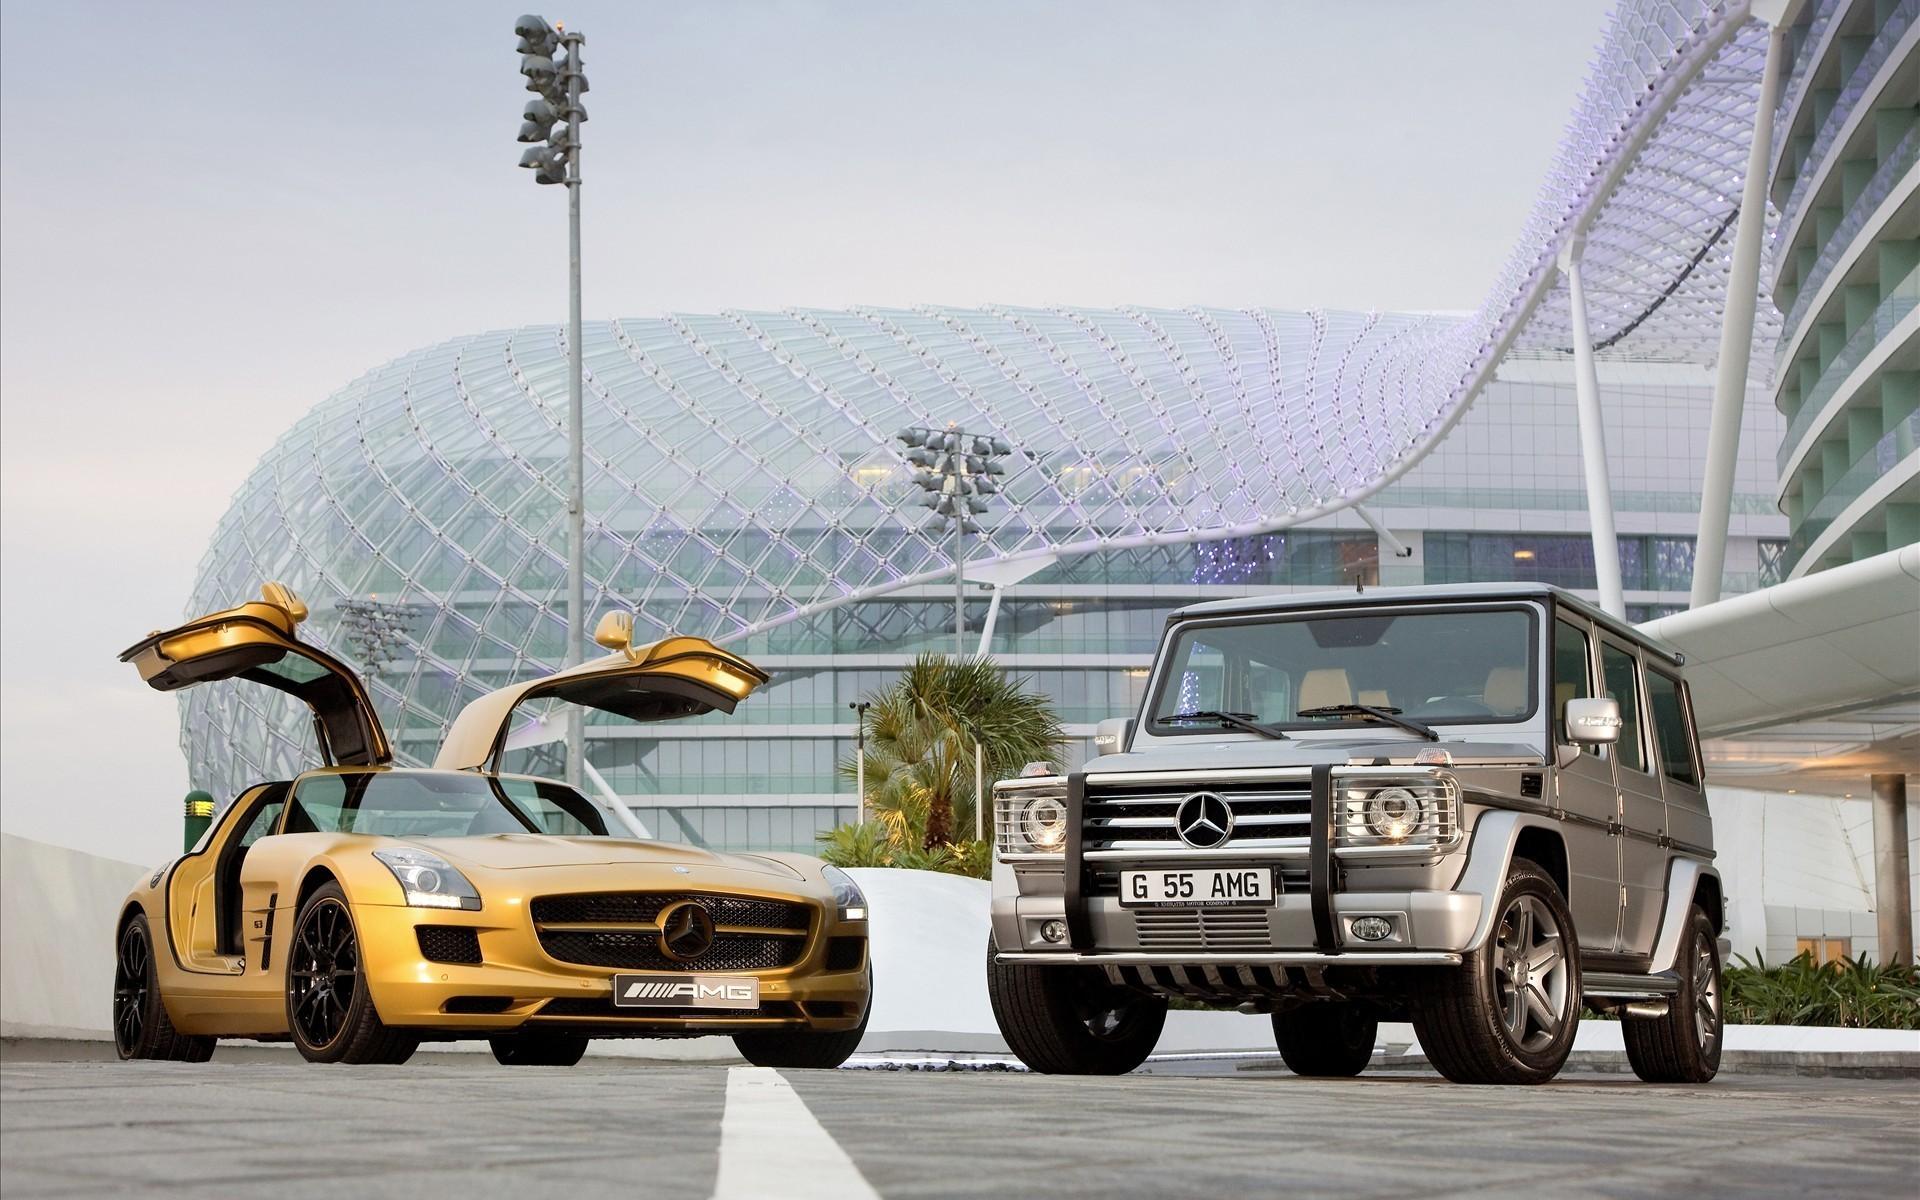 45667 скачать обои Транспорт, Машины, Мерседес (Mercedes) - заставки и картинки бесплатно